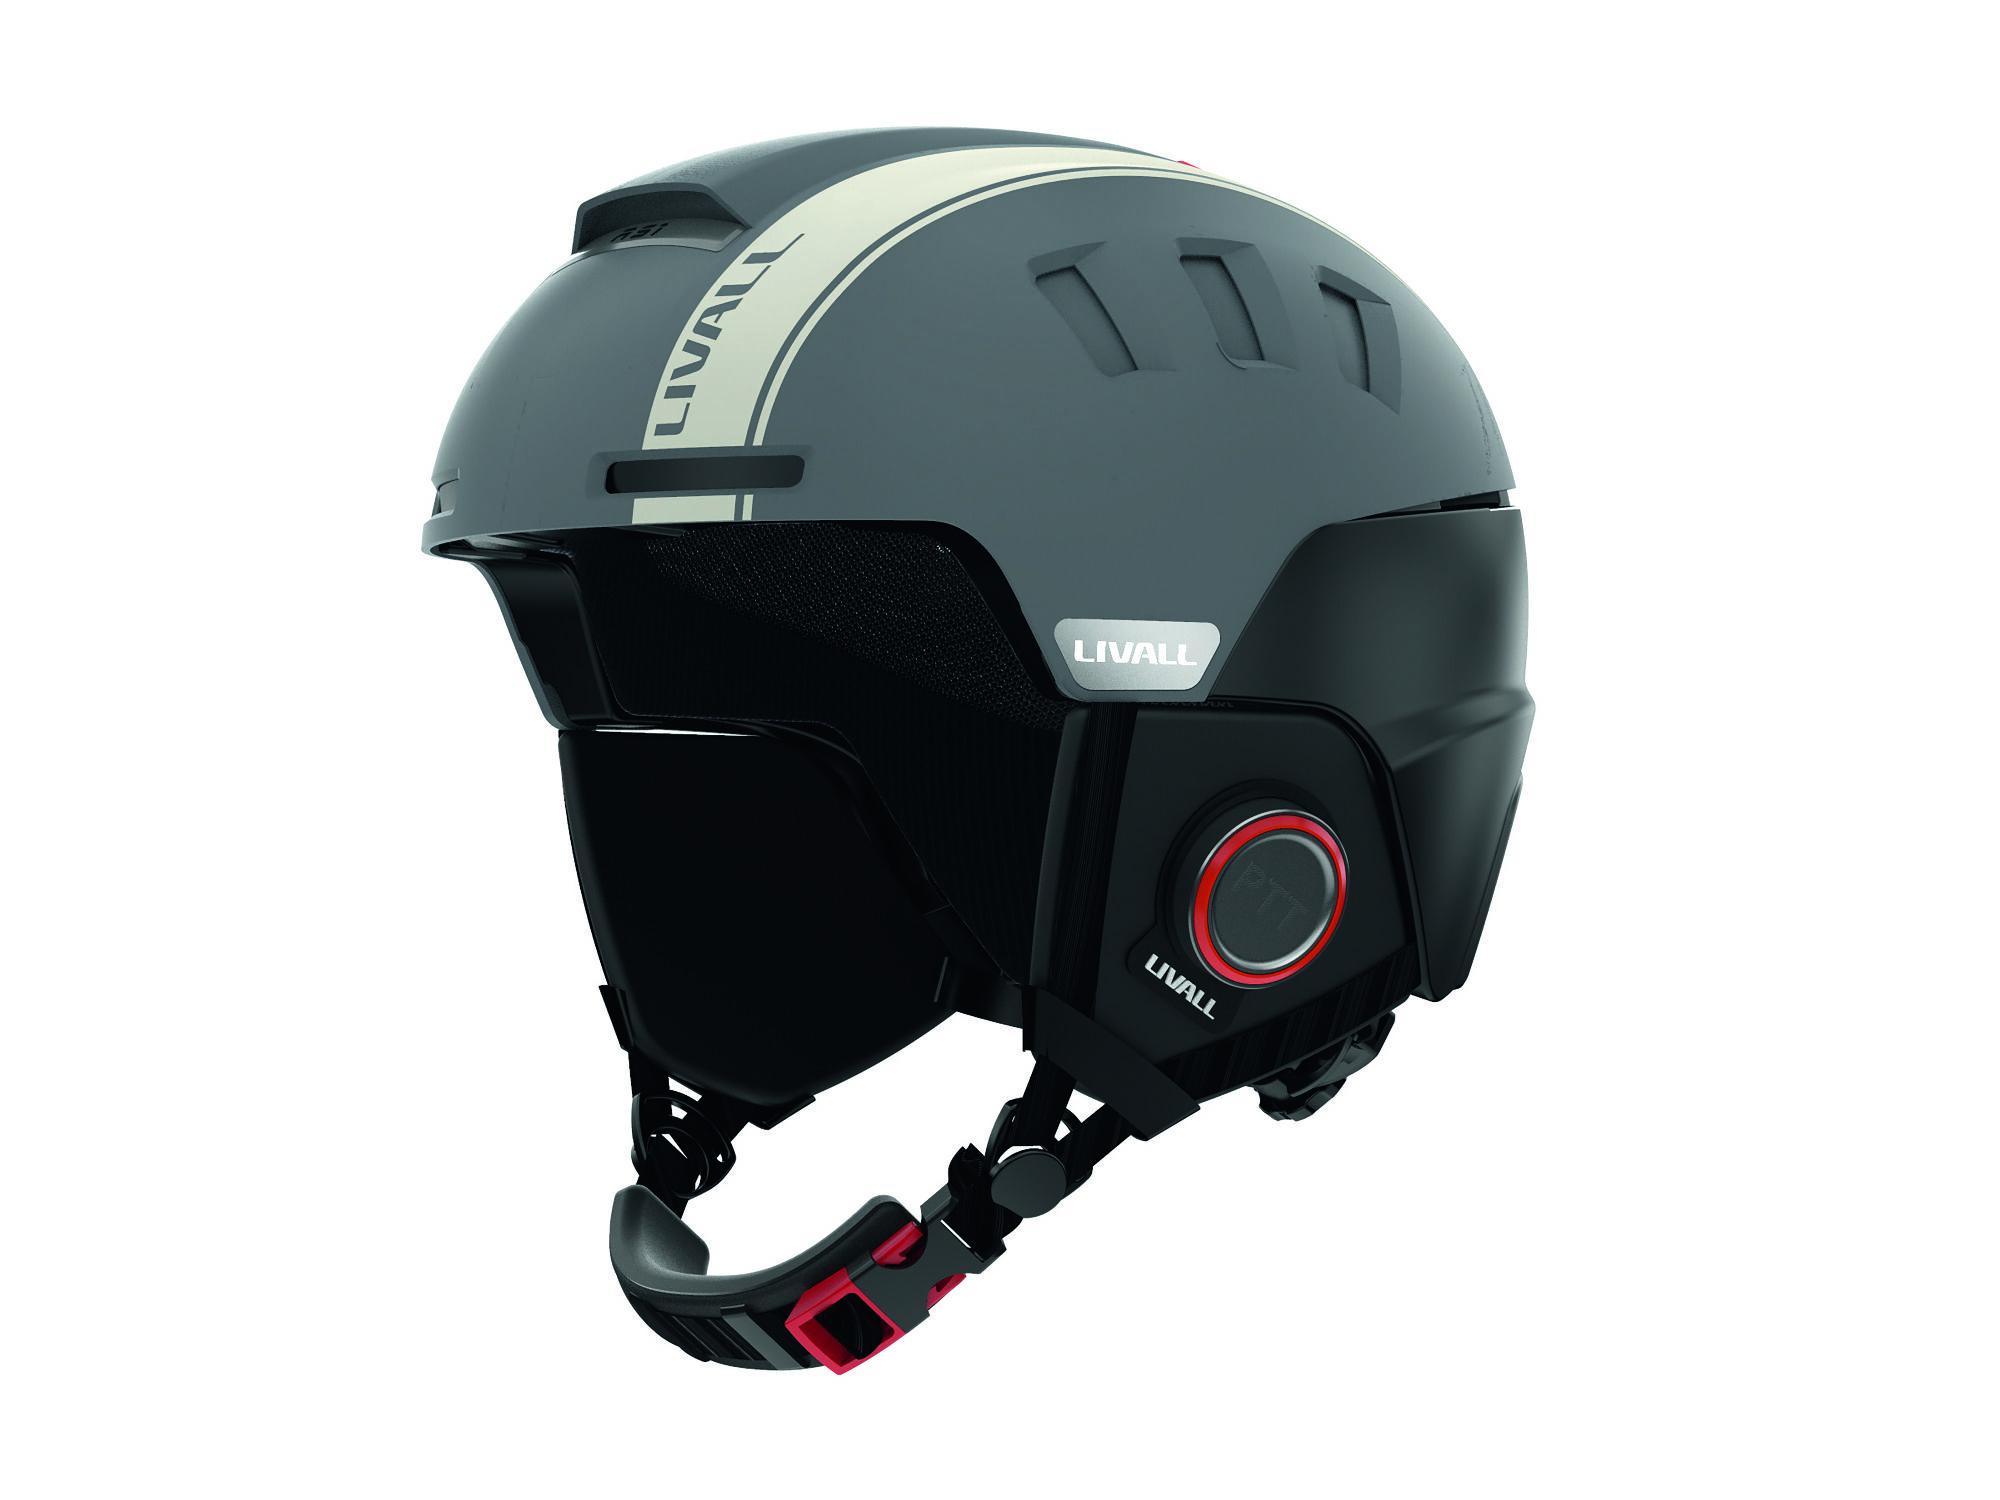 Der LIVALL RS1 Helm